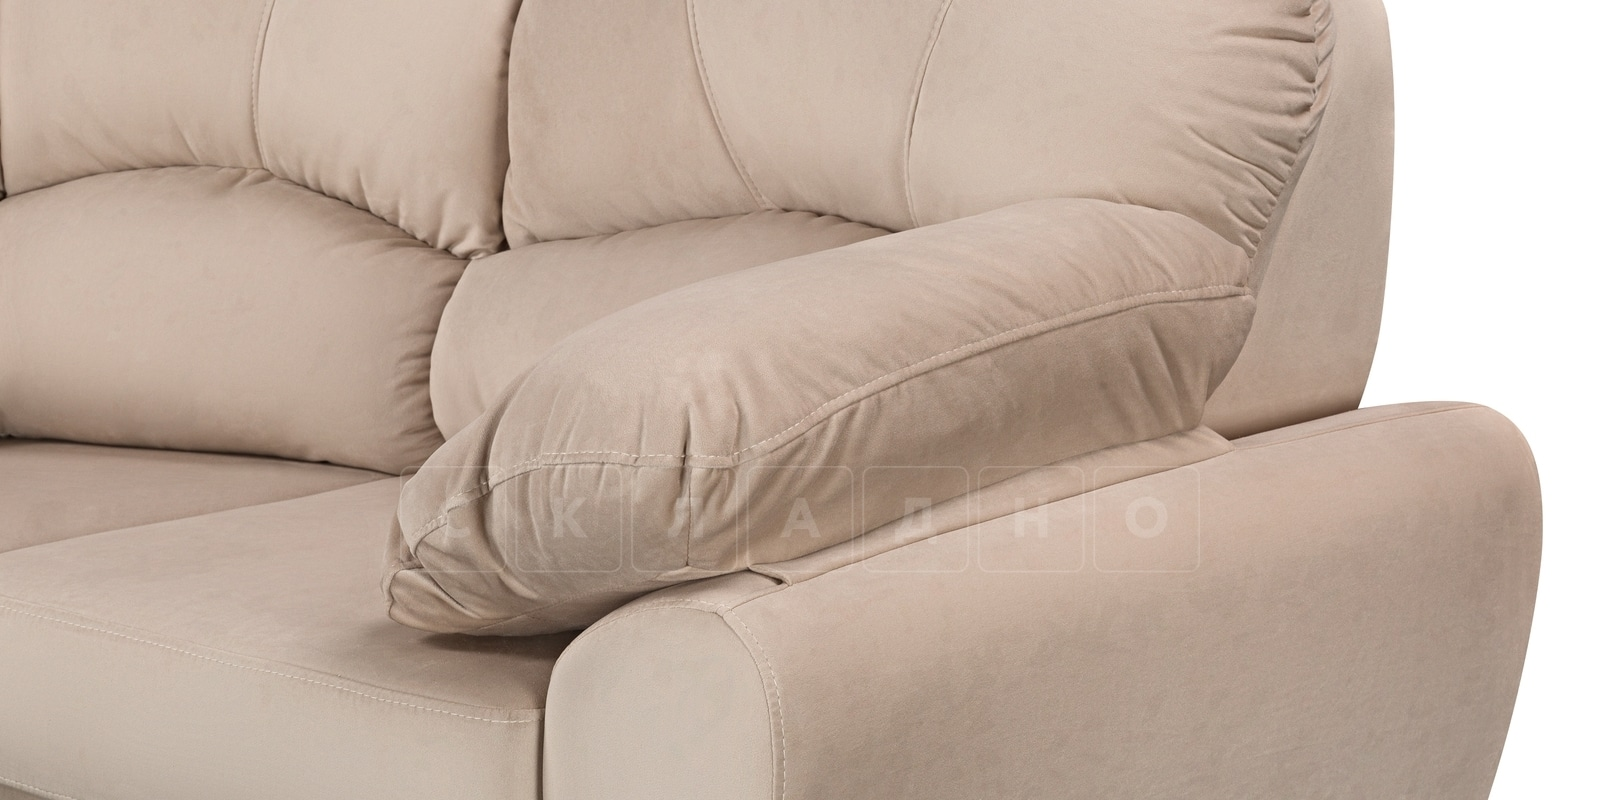 Угловой диван Эвита велюр бежевый правый угол фото 5 | интернет-магазин Складно